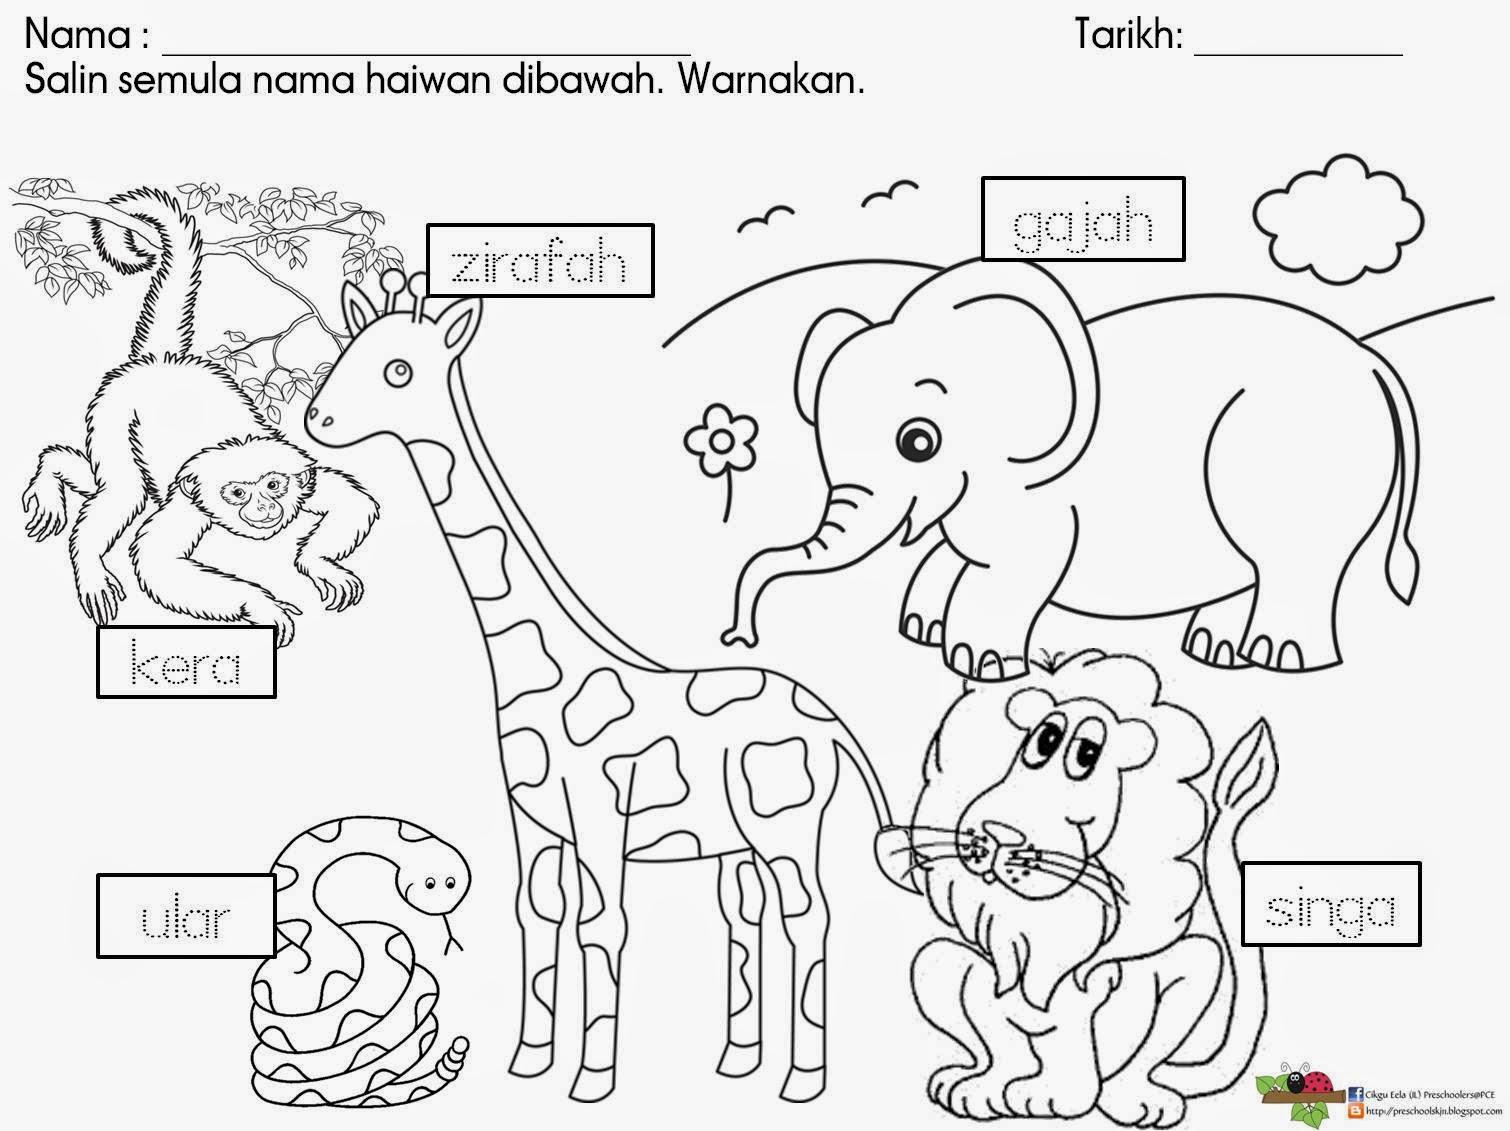 Cikgu Eela Il Preschoolers Pce Lembaran Kerja Haiwan Liar